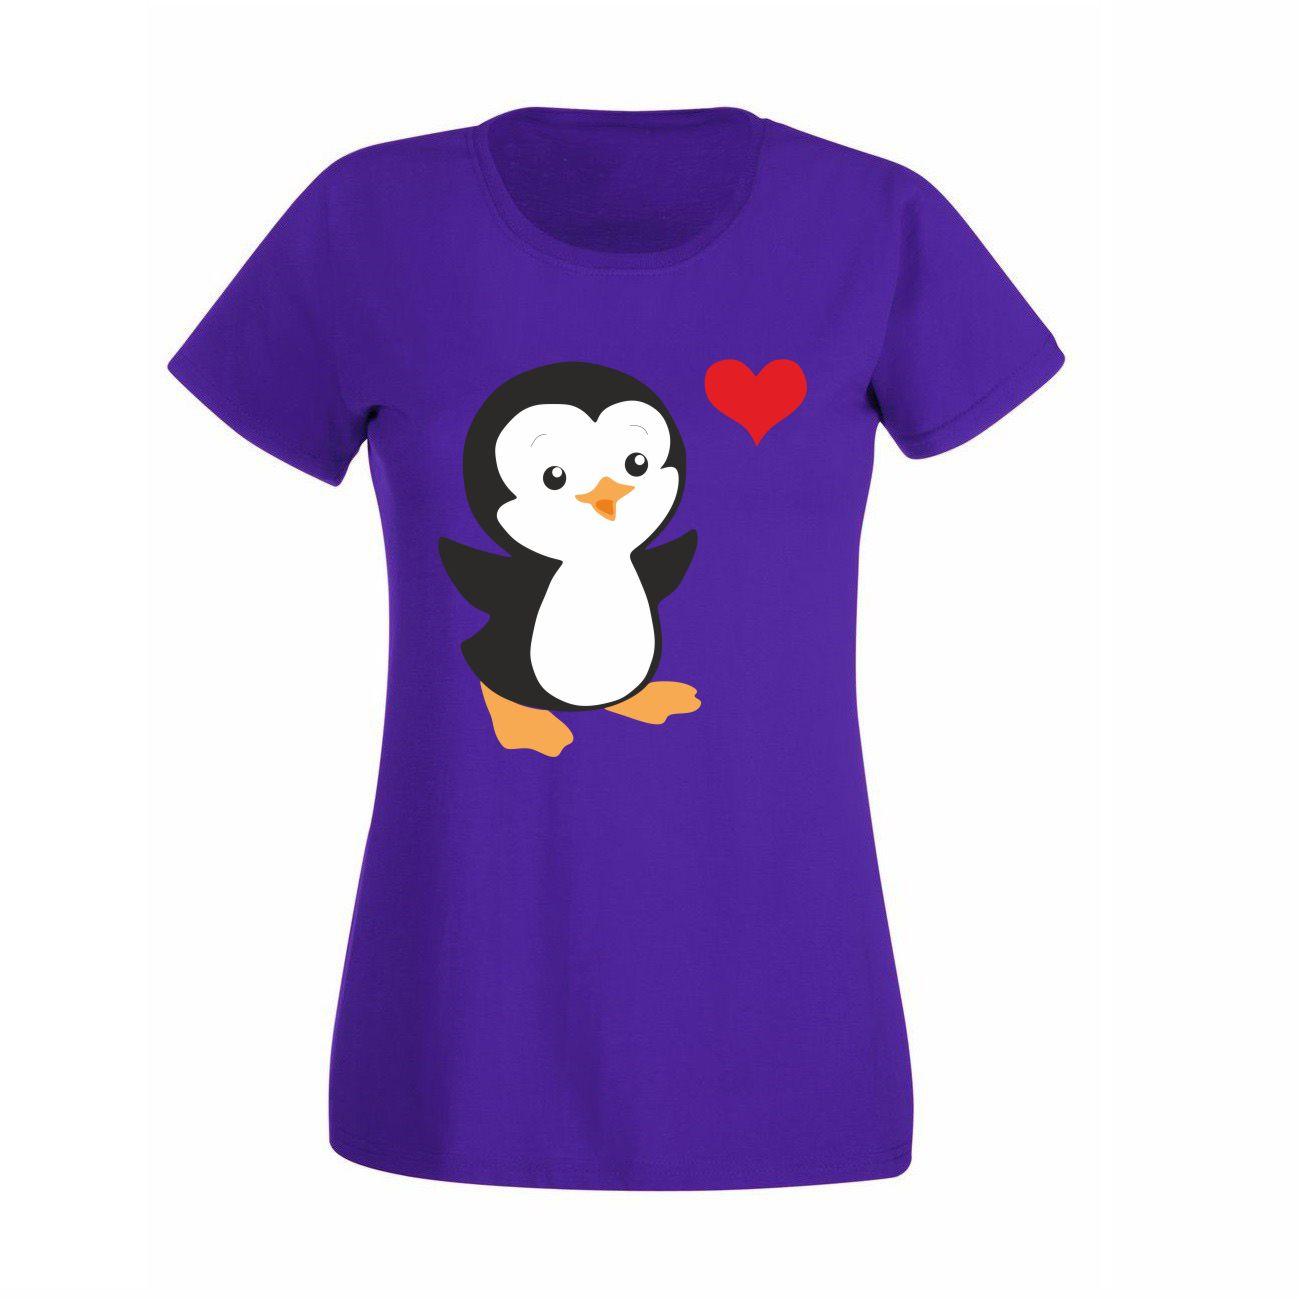 Damen T-Shirt Pinguin | T-Shirts | Bekleidung | Erwachsene |  Mein-Zwergenland